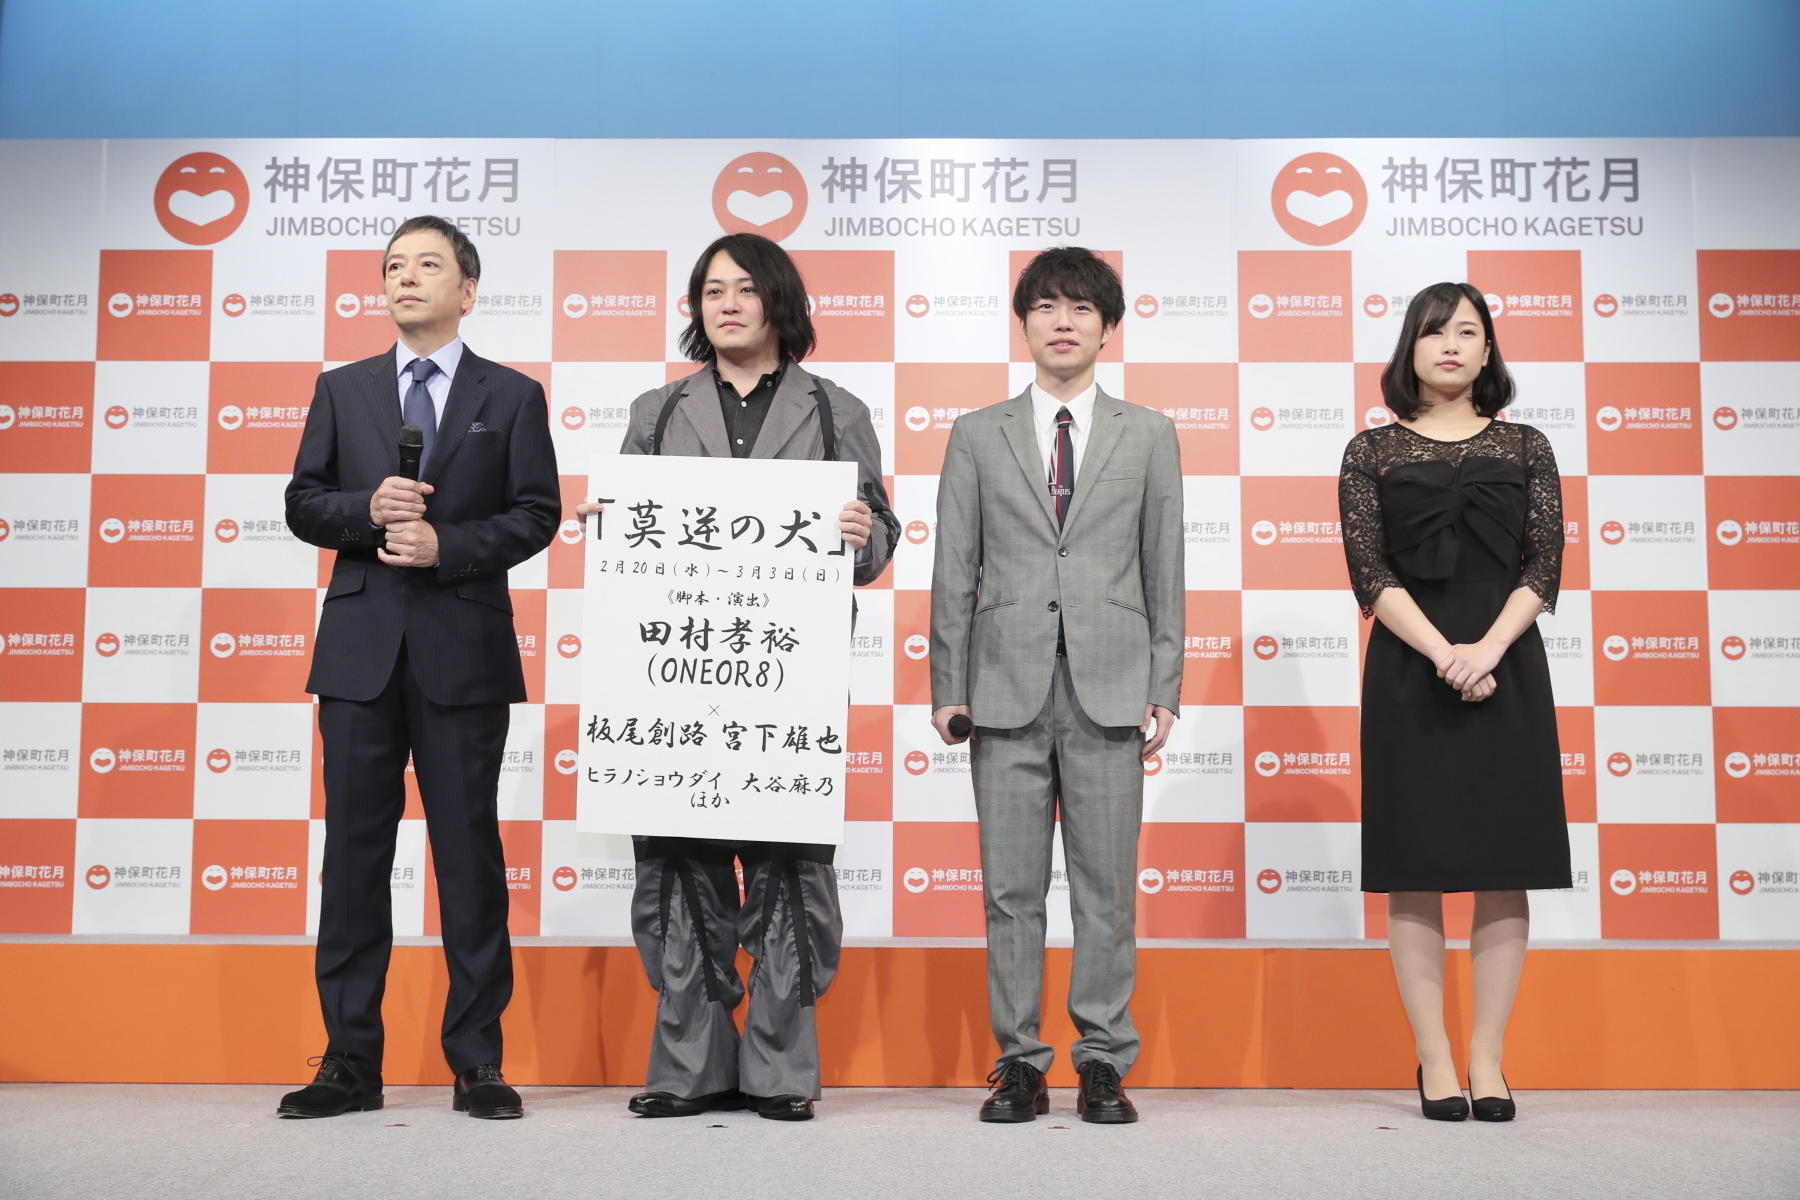 http://news.yoshimoto.co.jp/20181204214131-5b6f68849fcccb904047f18d9a49b426a36a9747.jpg